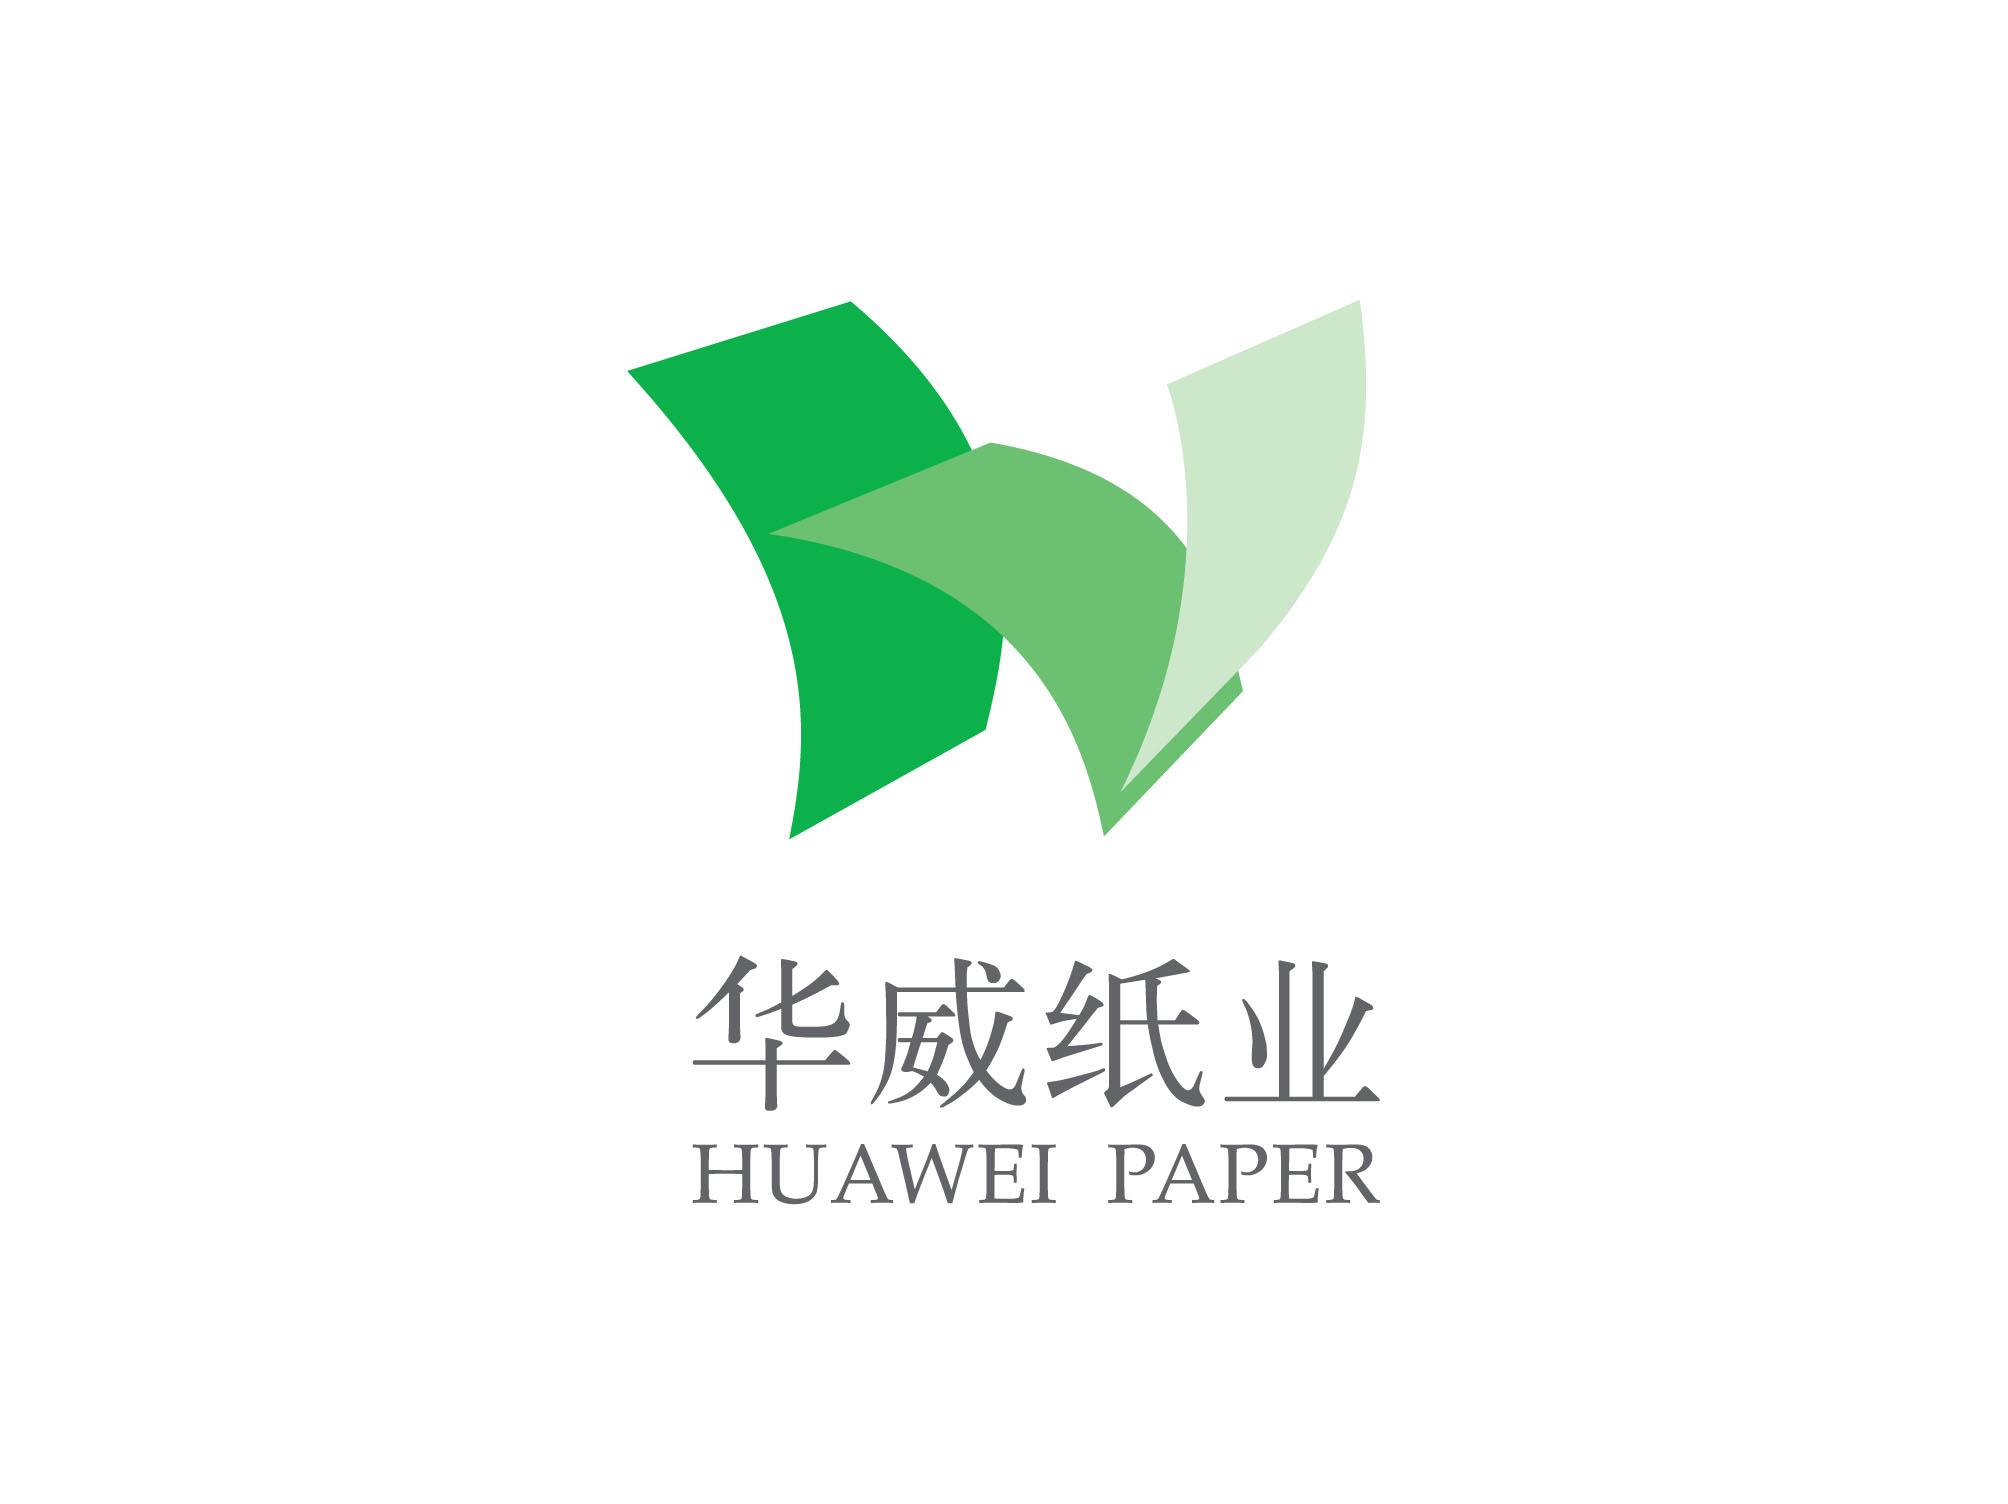 四川省广安市华威纸业有限公司